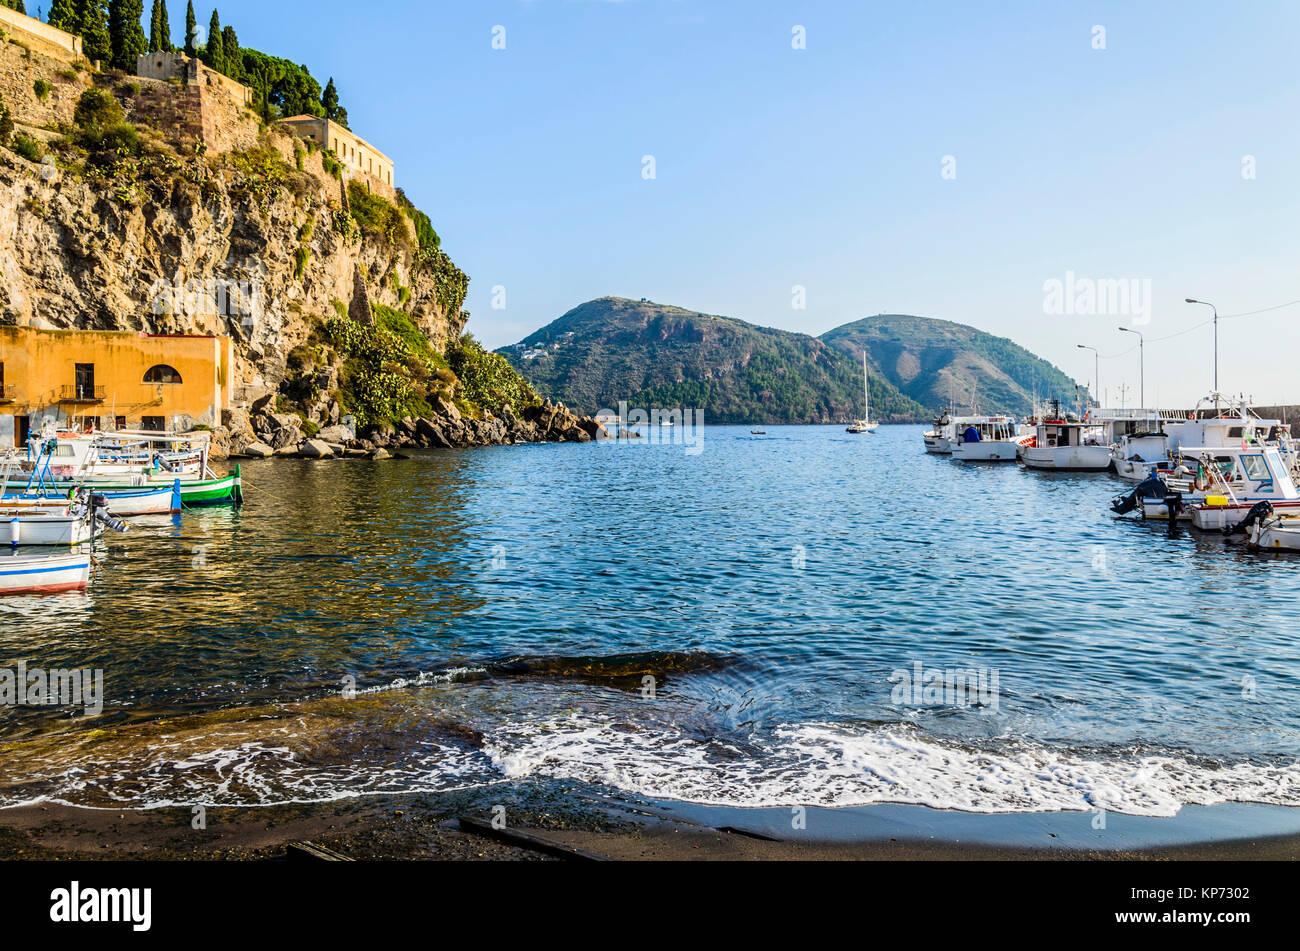 Côte et l'amarrage des bateaux de pêche et promenade sur la mer Tyrrhénienne, sur l'île éolienne de Lipari Banque D'Images